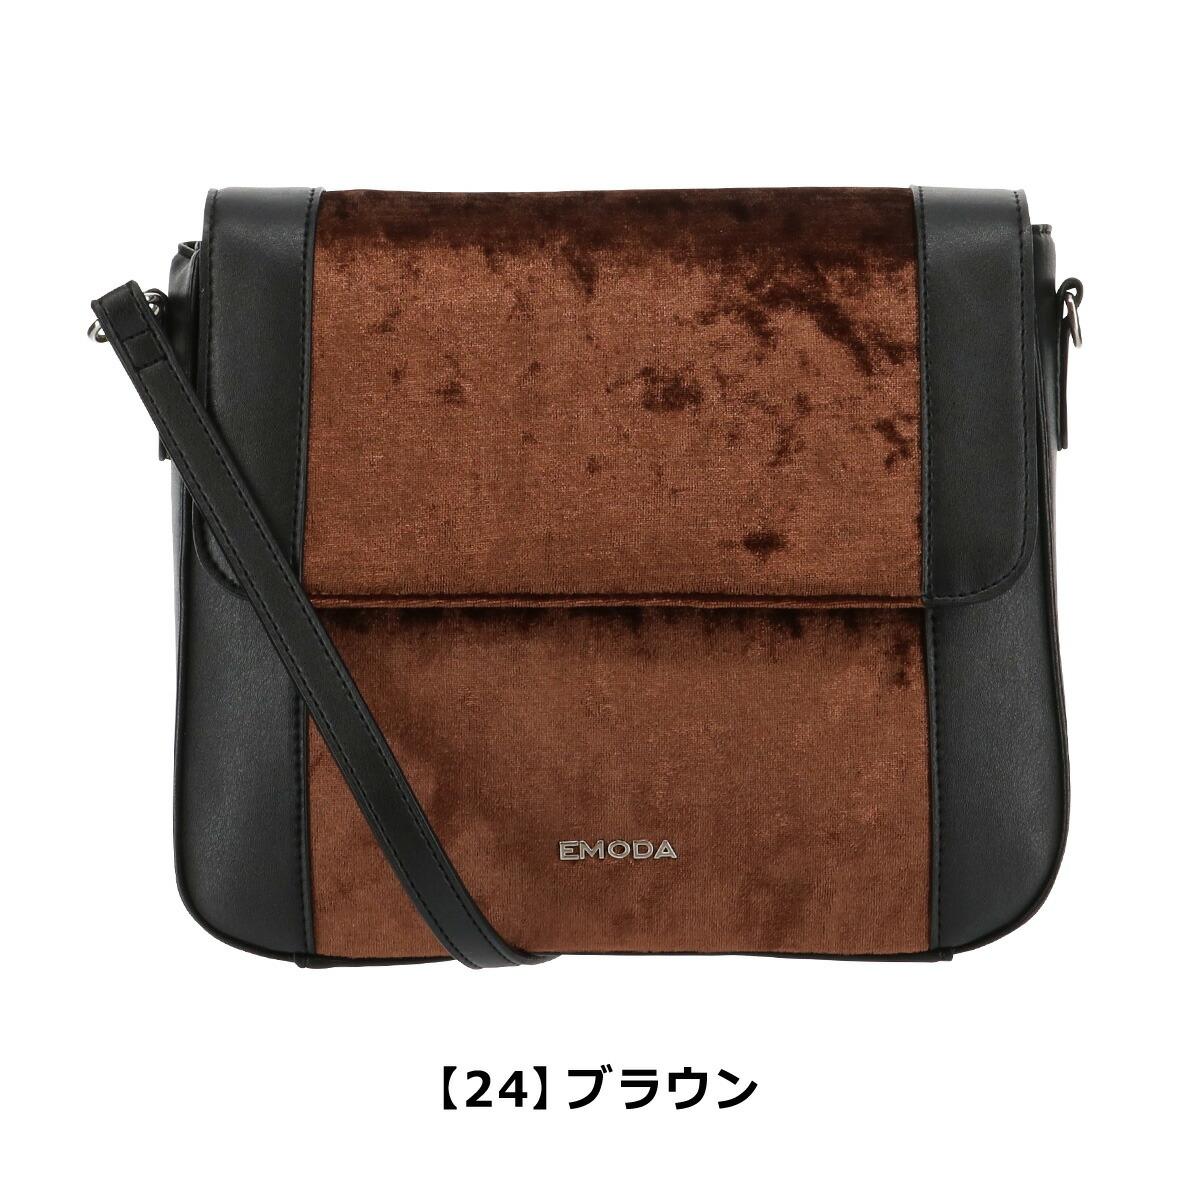 【24】ブラウン